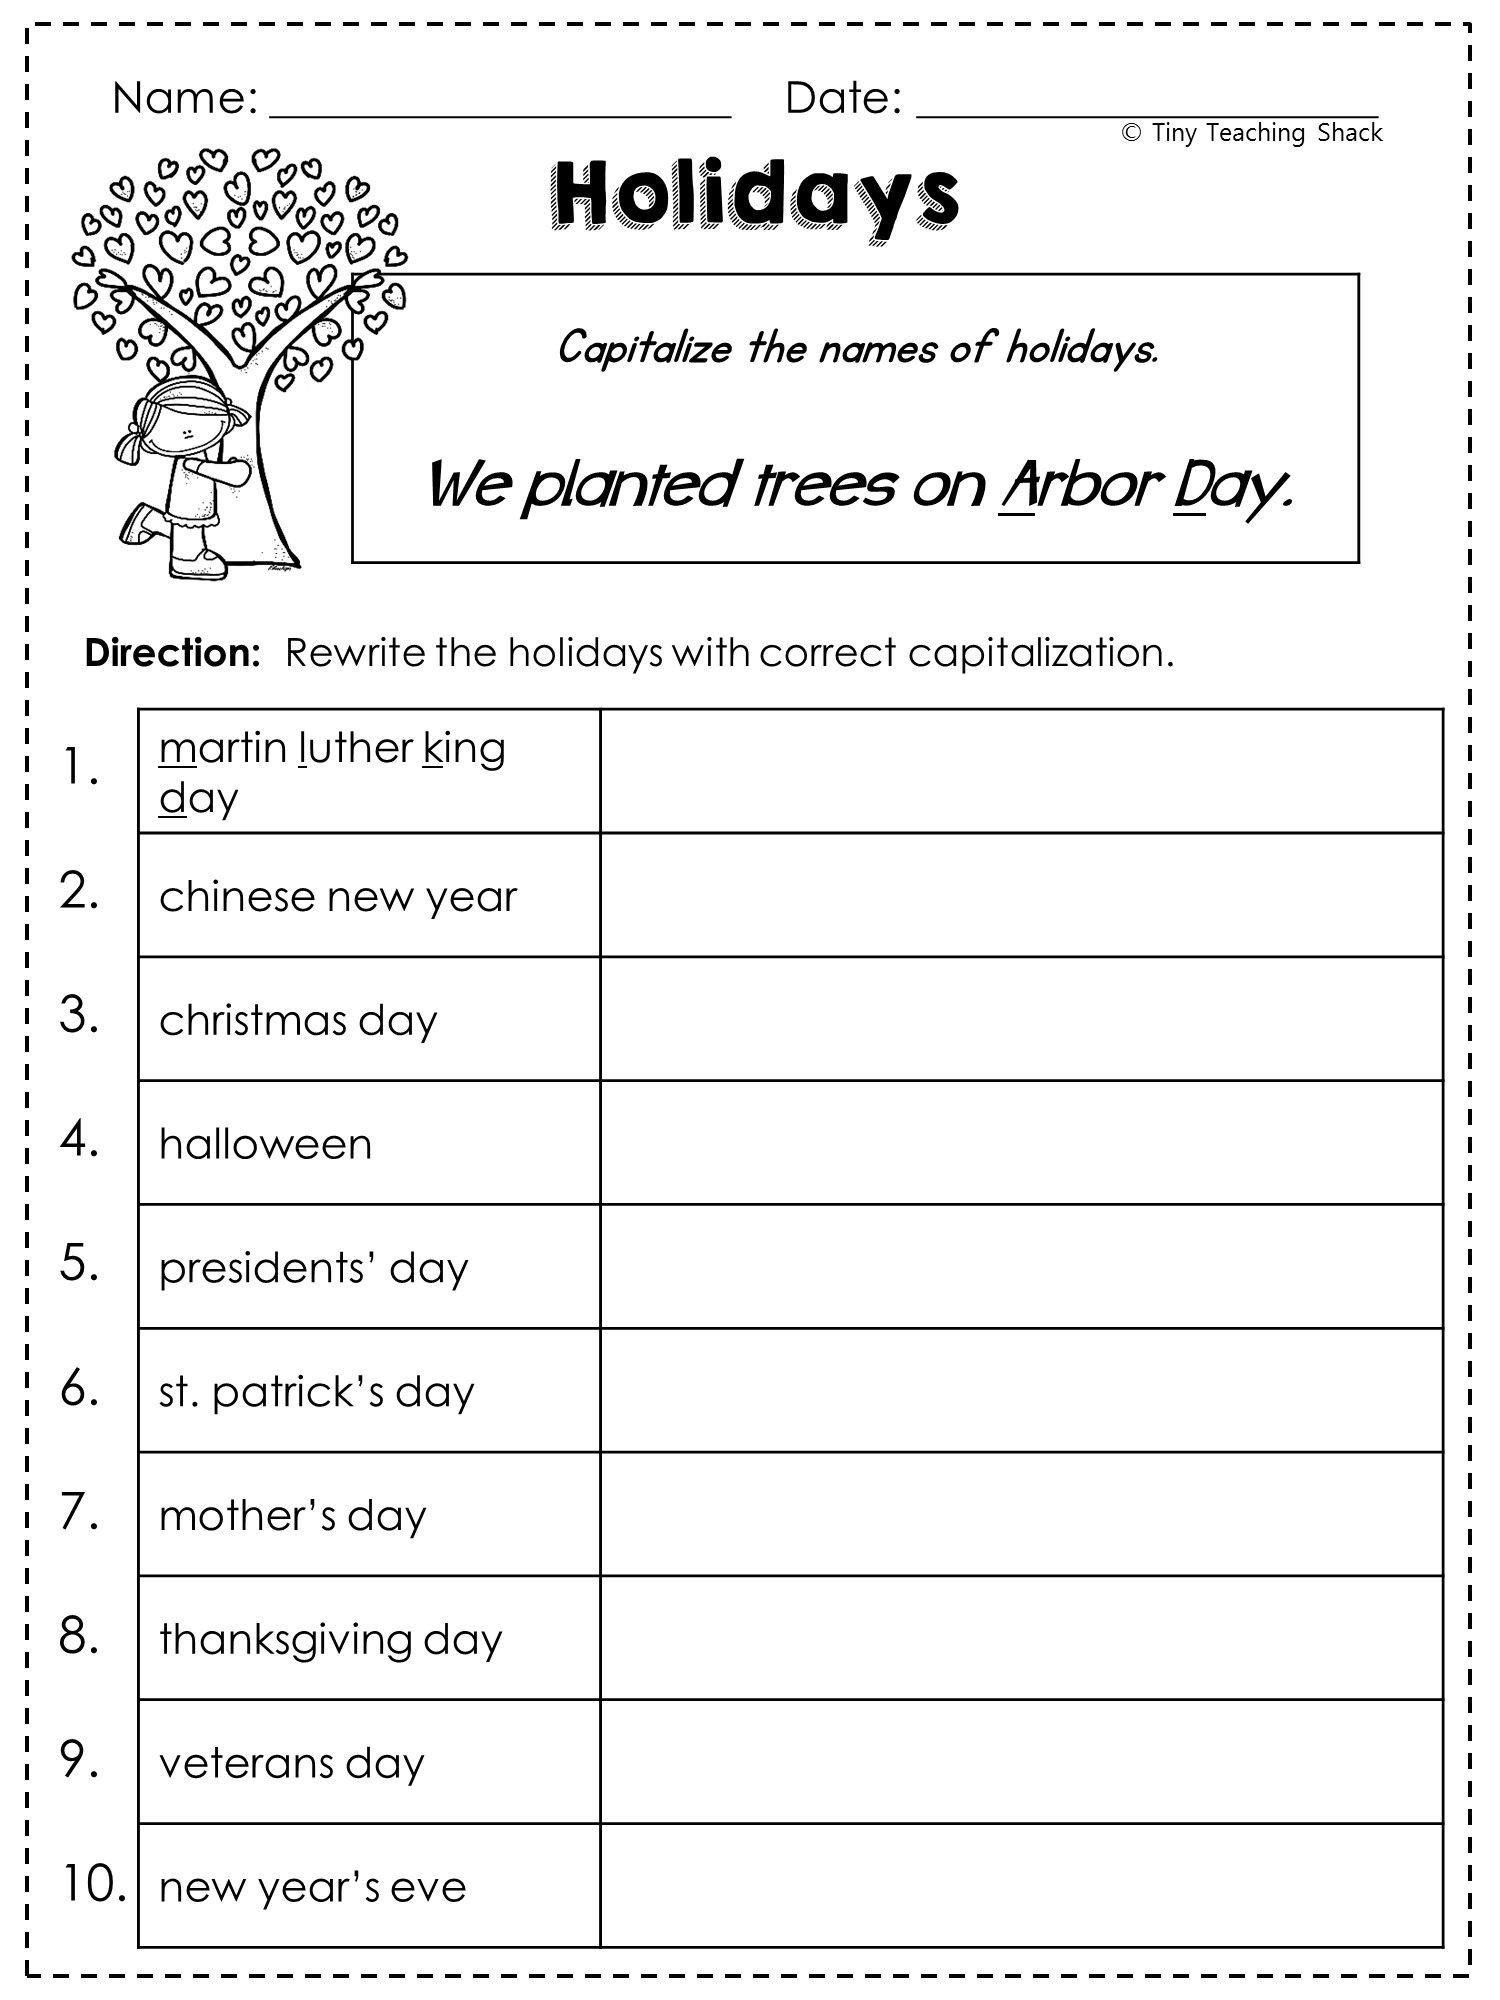 Sentence Correction Worksheets 2nd Grade Proofreading Worksheets 2nd Grade  Free…   Third grade grammar worksheets [ 2000 x 1500 Pixel ]